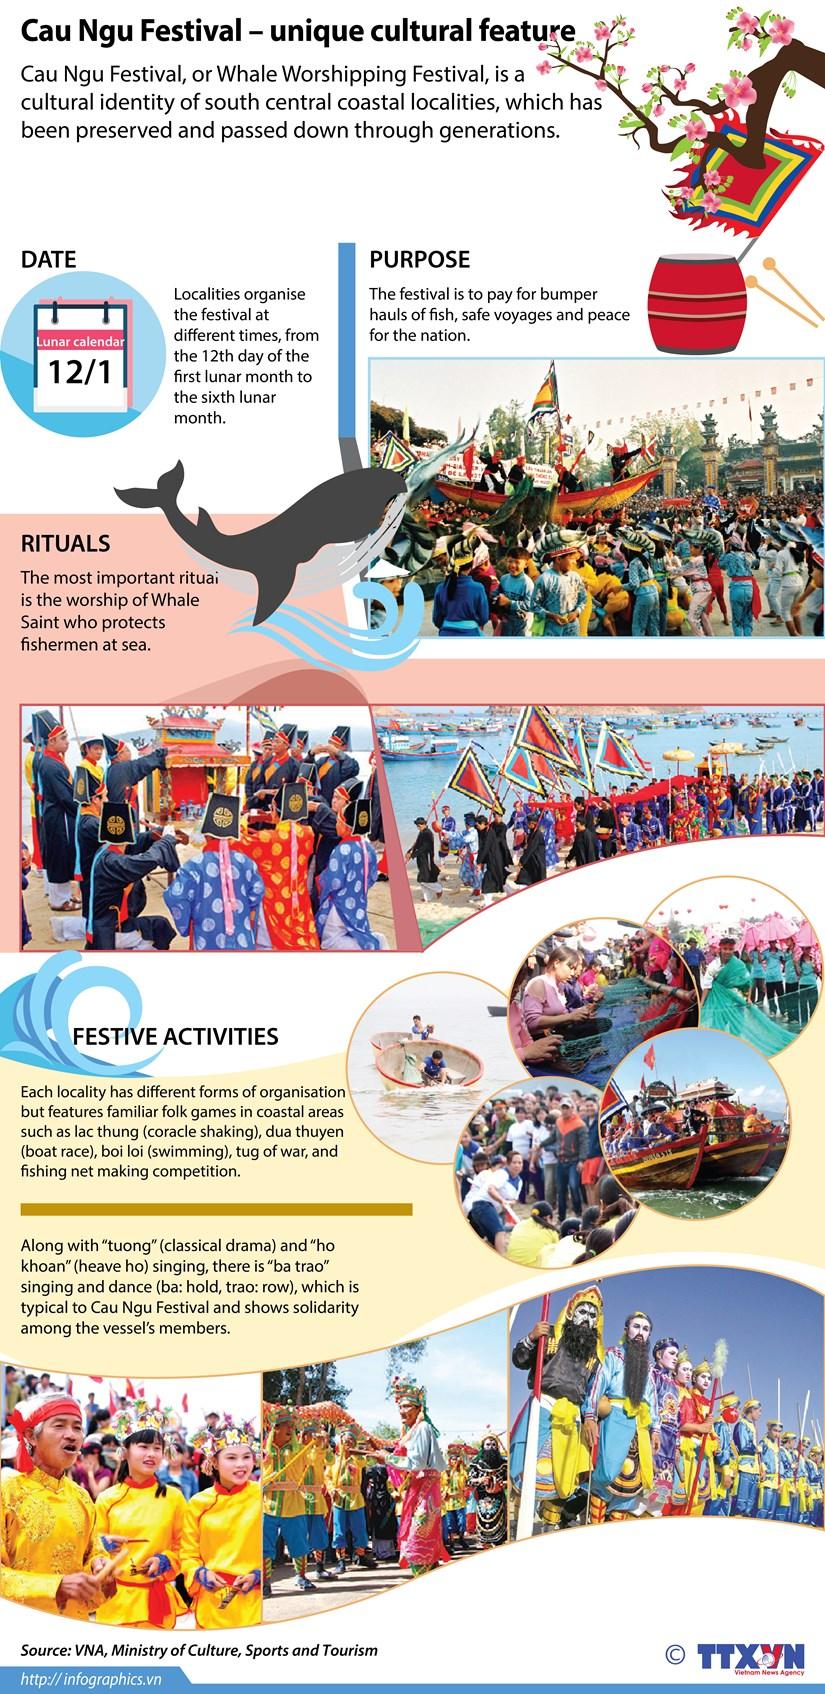 Cau Ngu Festival – unique cultural feature of coastal areas hinh anh 1